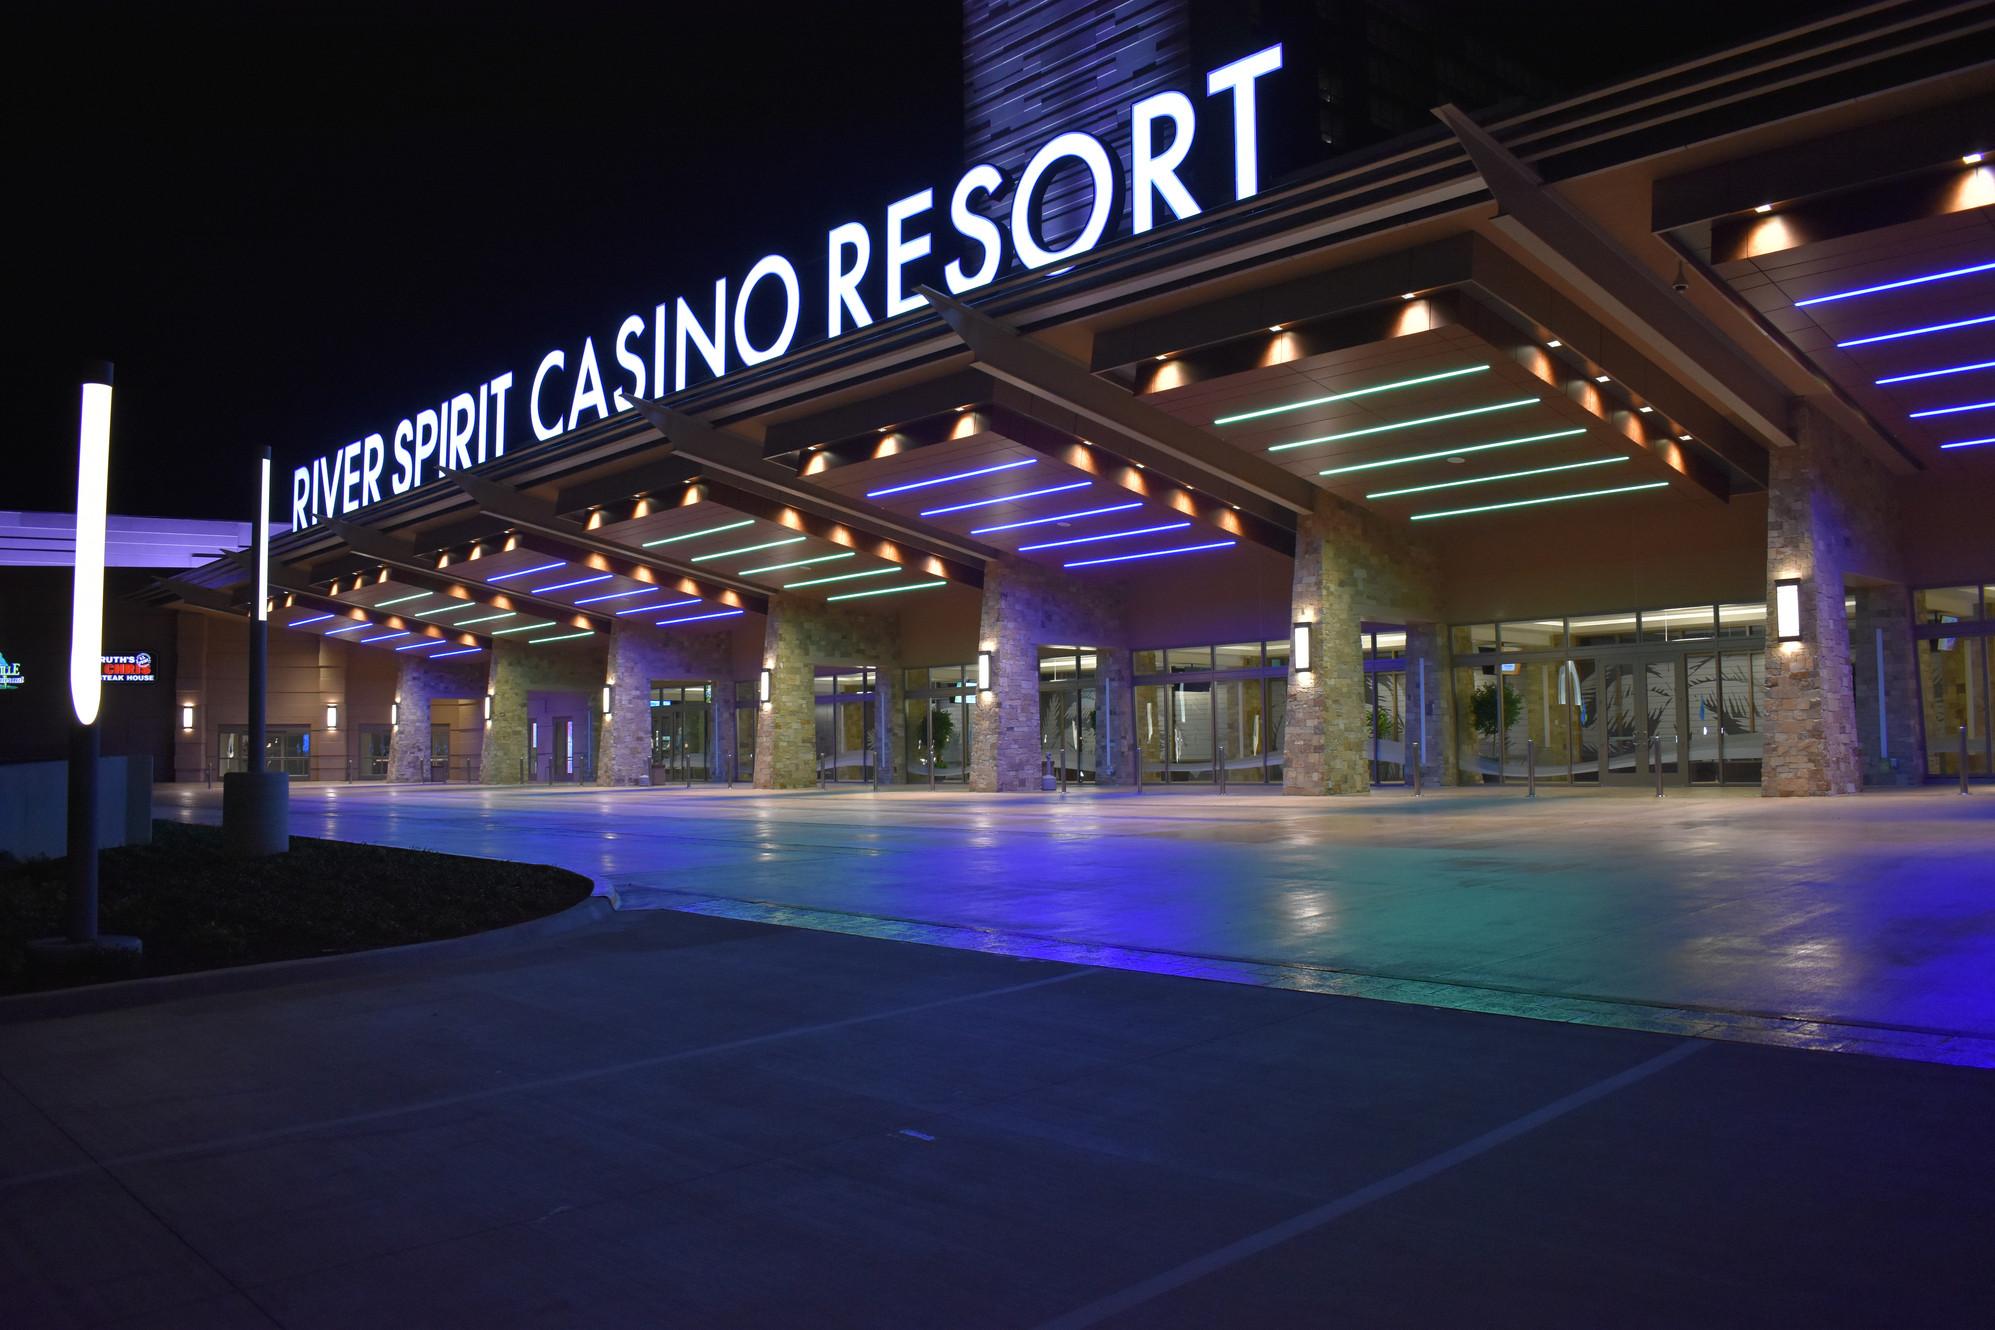 Margaritaville Casino In Tulsa Oklahoma